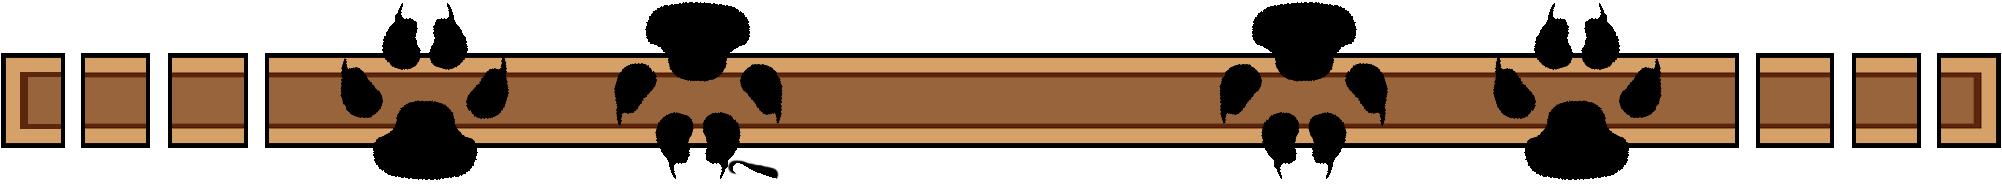 dividerbig